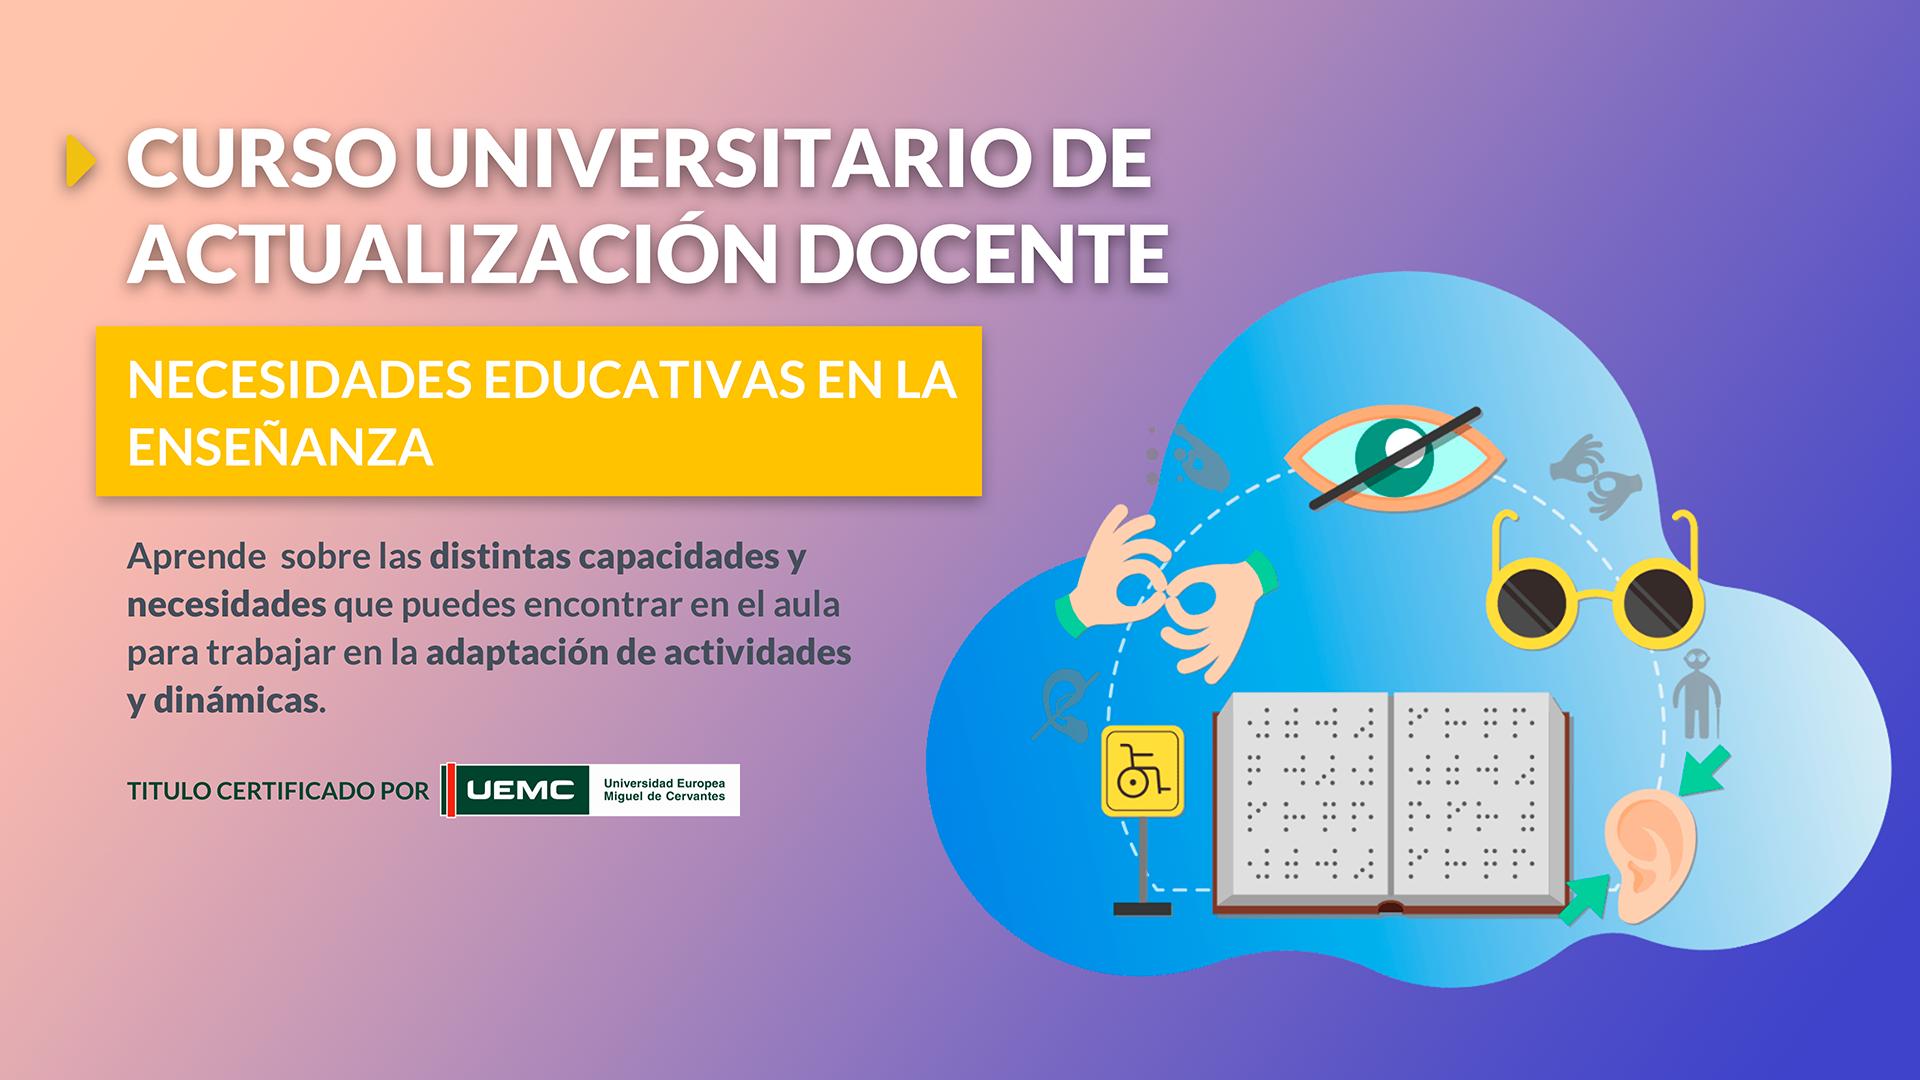 Cursos Universitarios de Actualización Docente: Necesidades educativas en la enseñanza